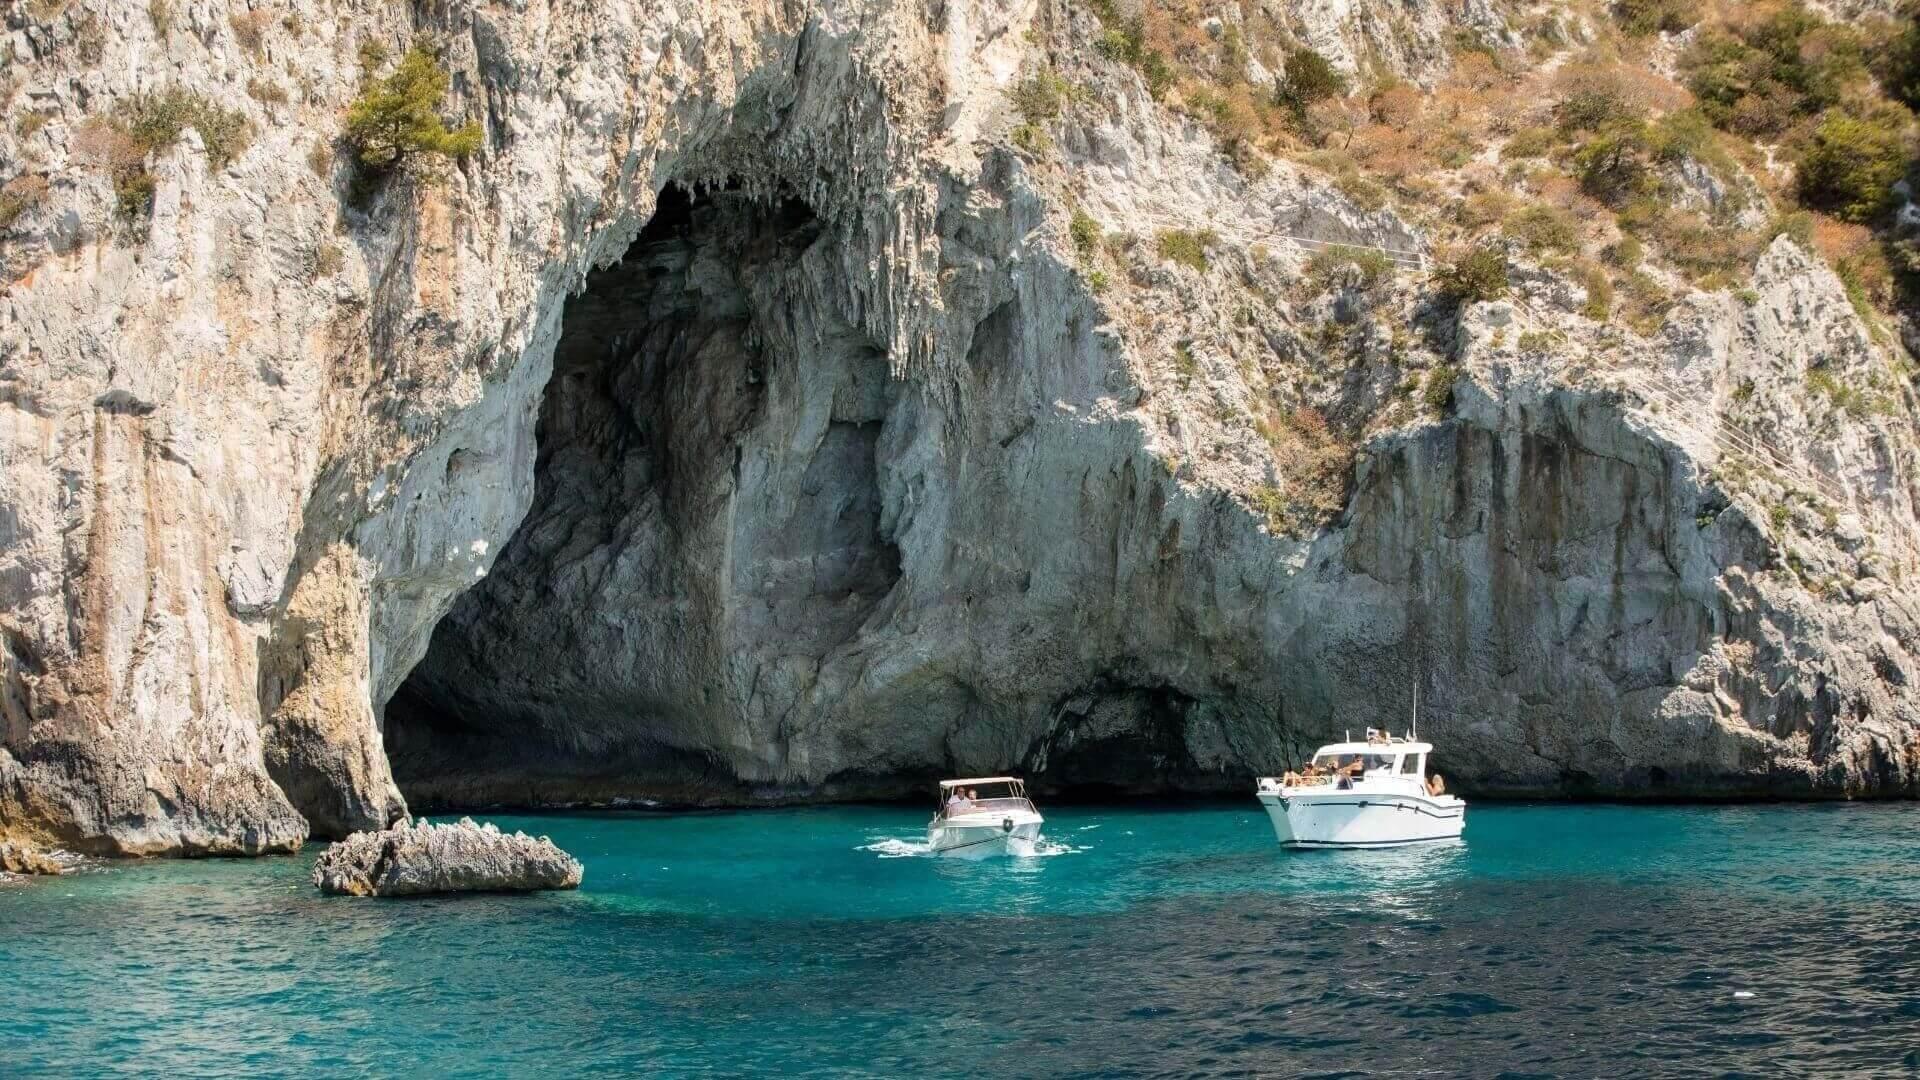 La Grotta Bianca e la Grotta Meravigliosa